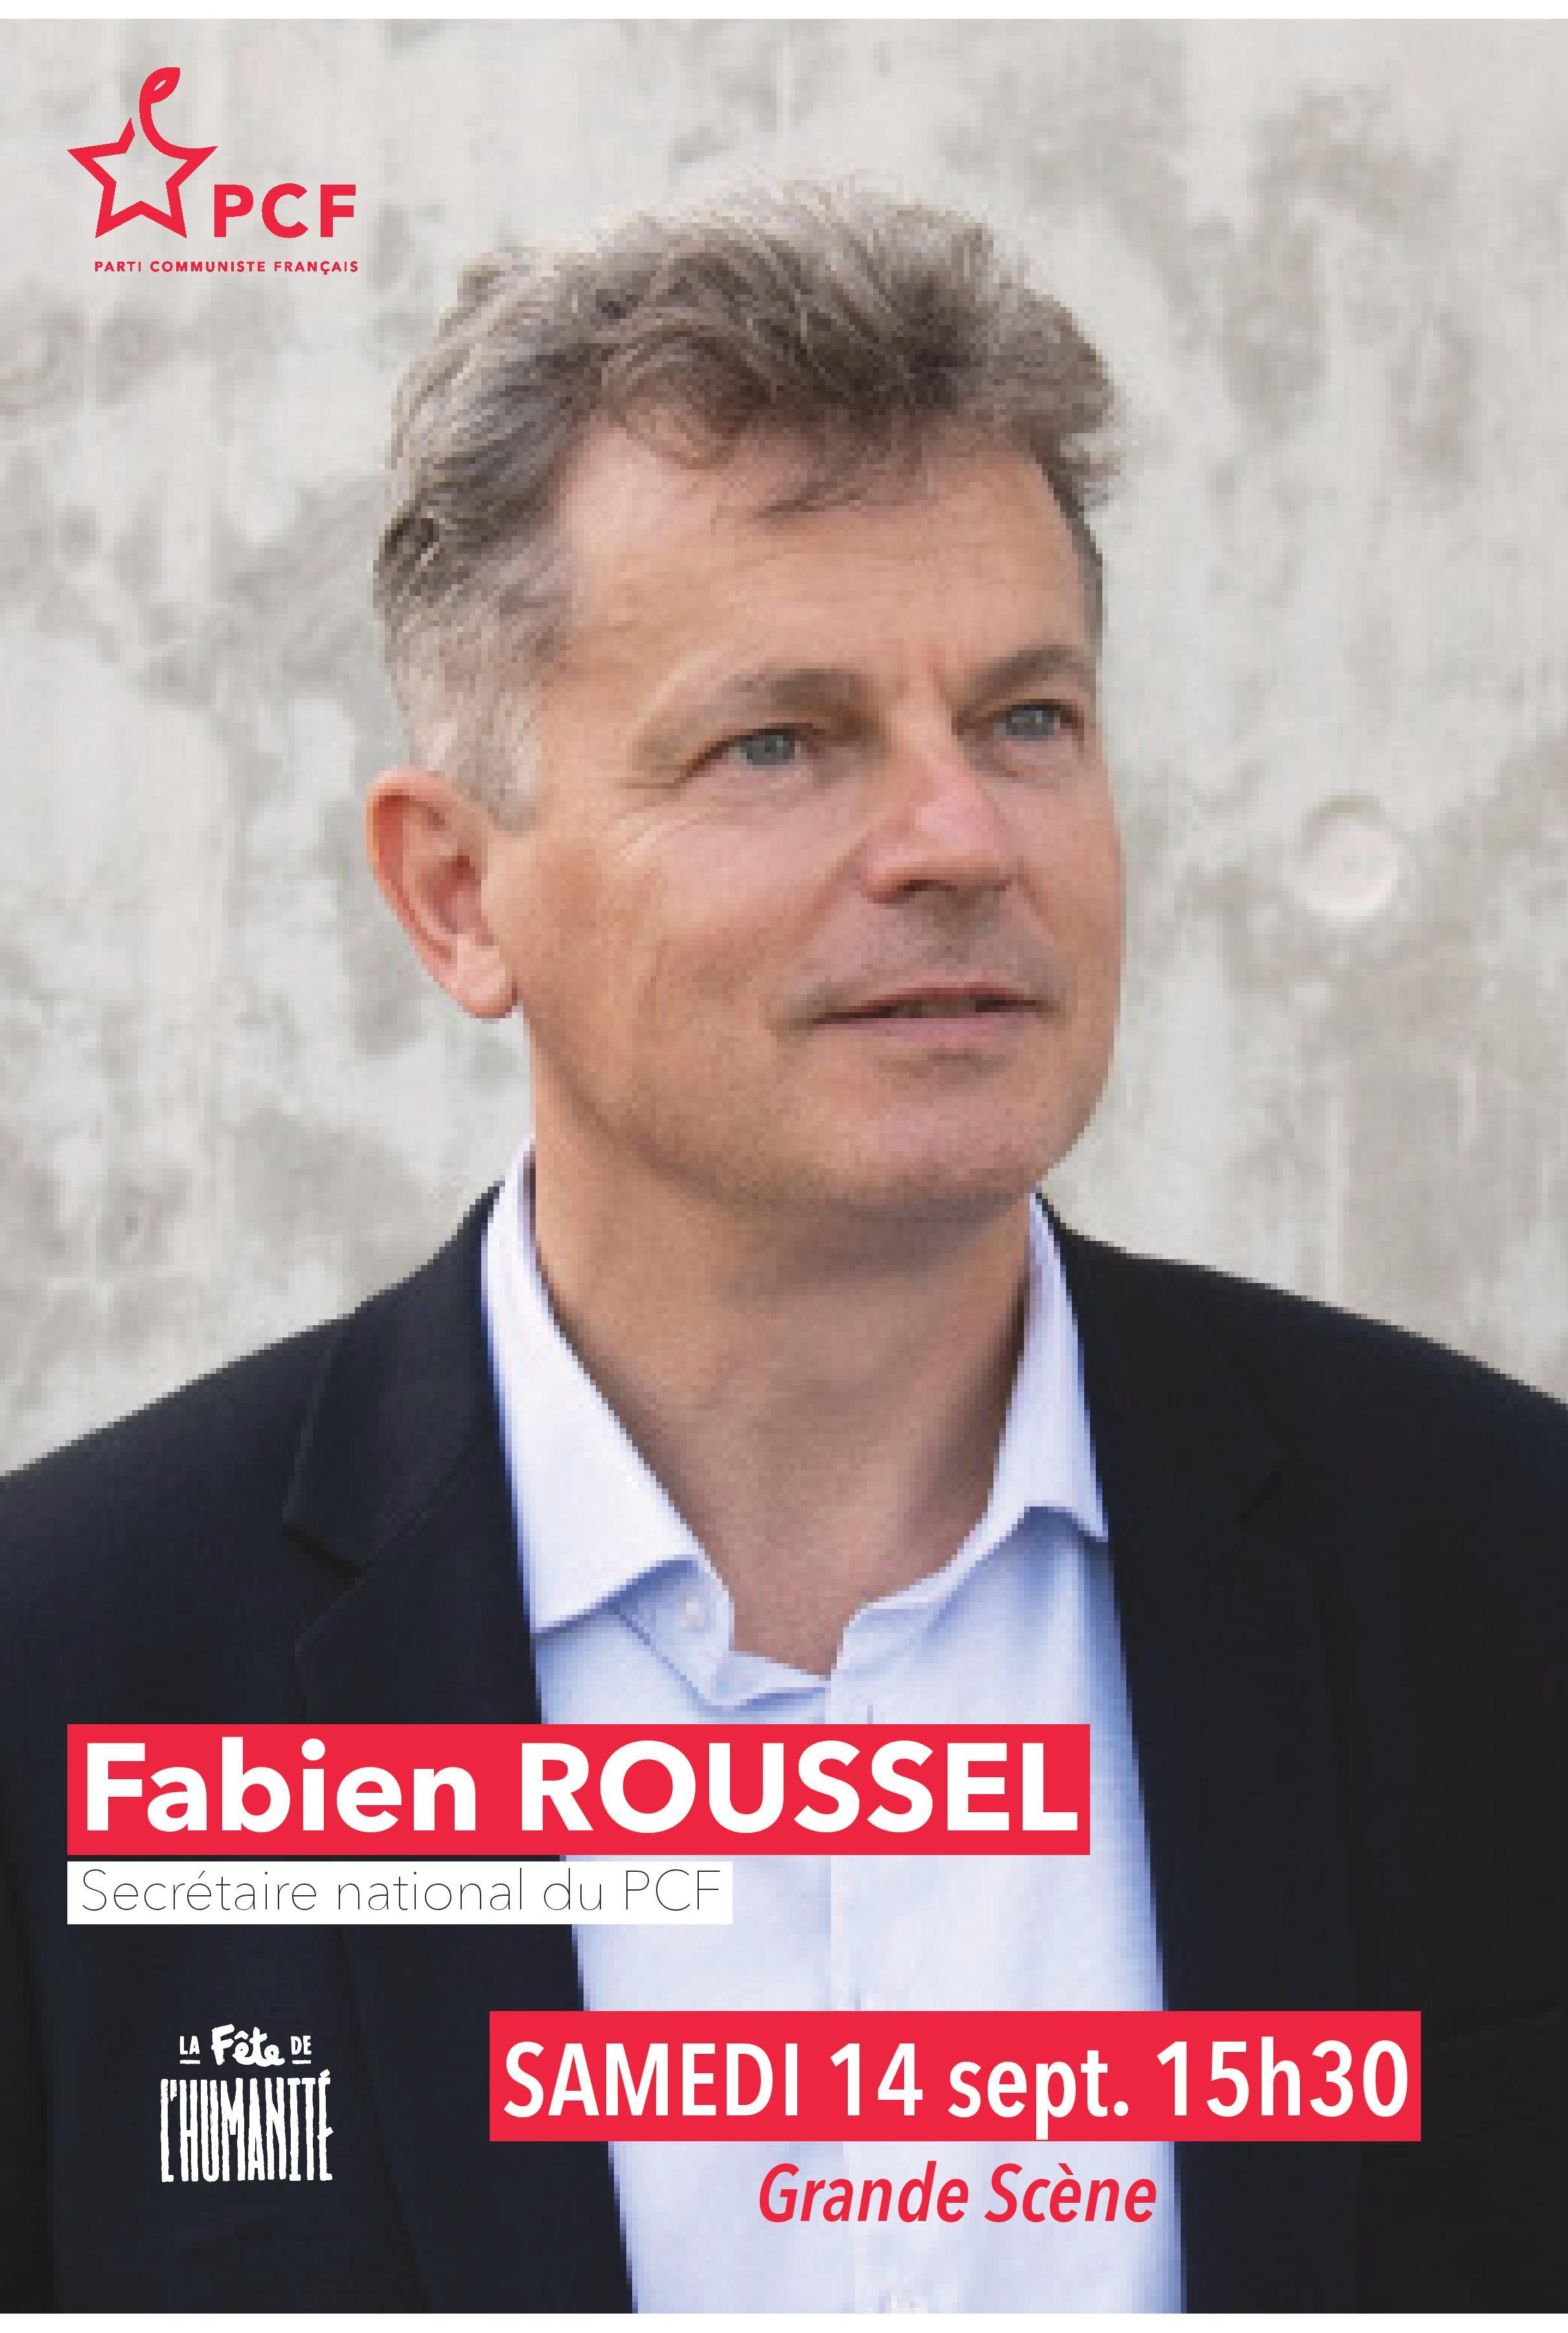 FHMeeting_Fabien_Roussel.jpg